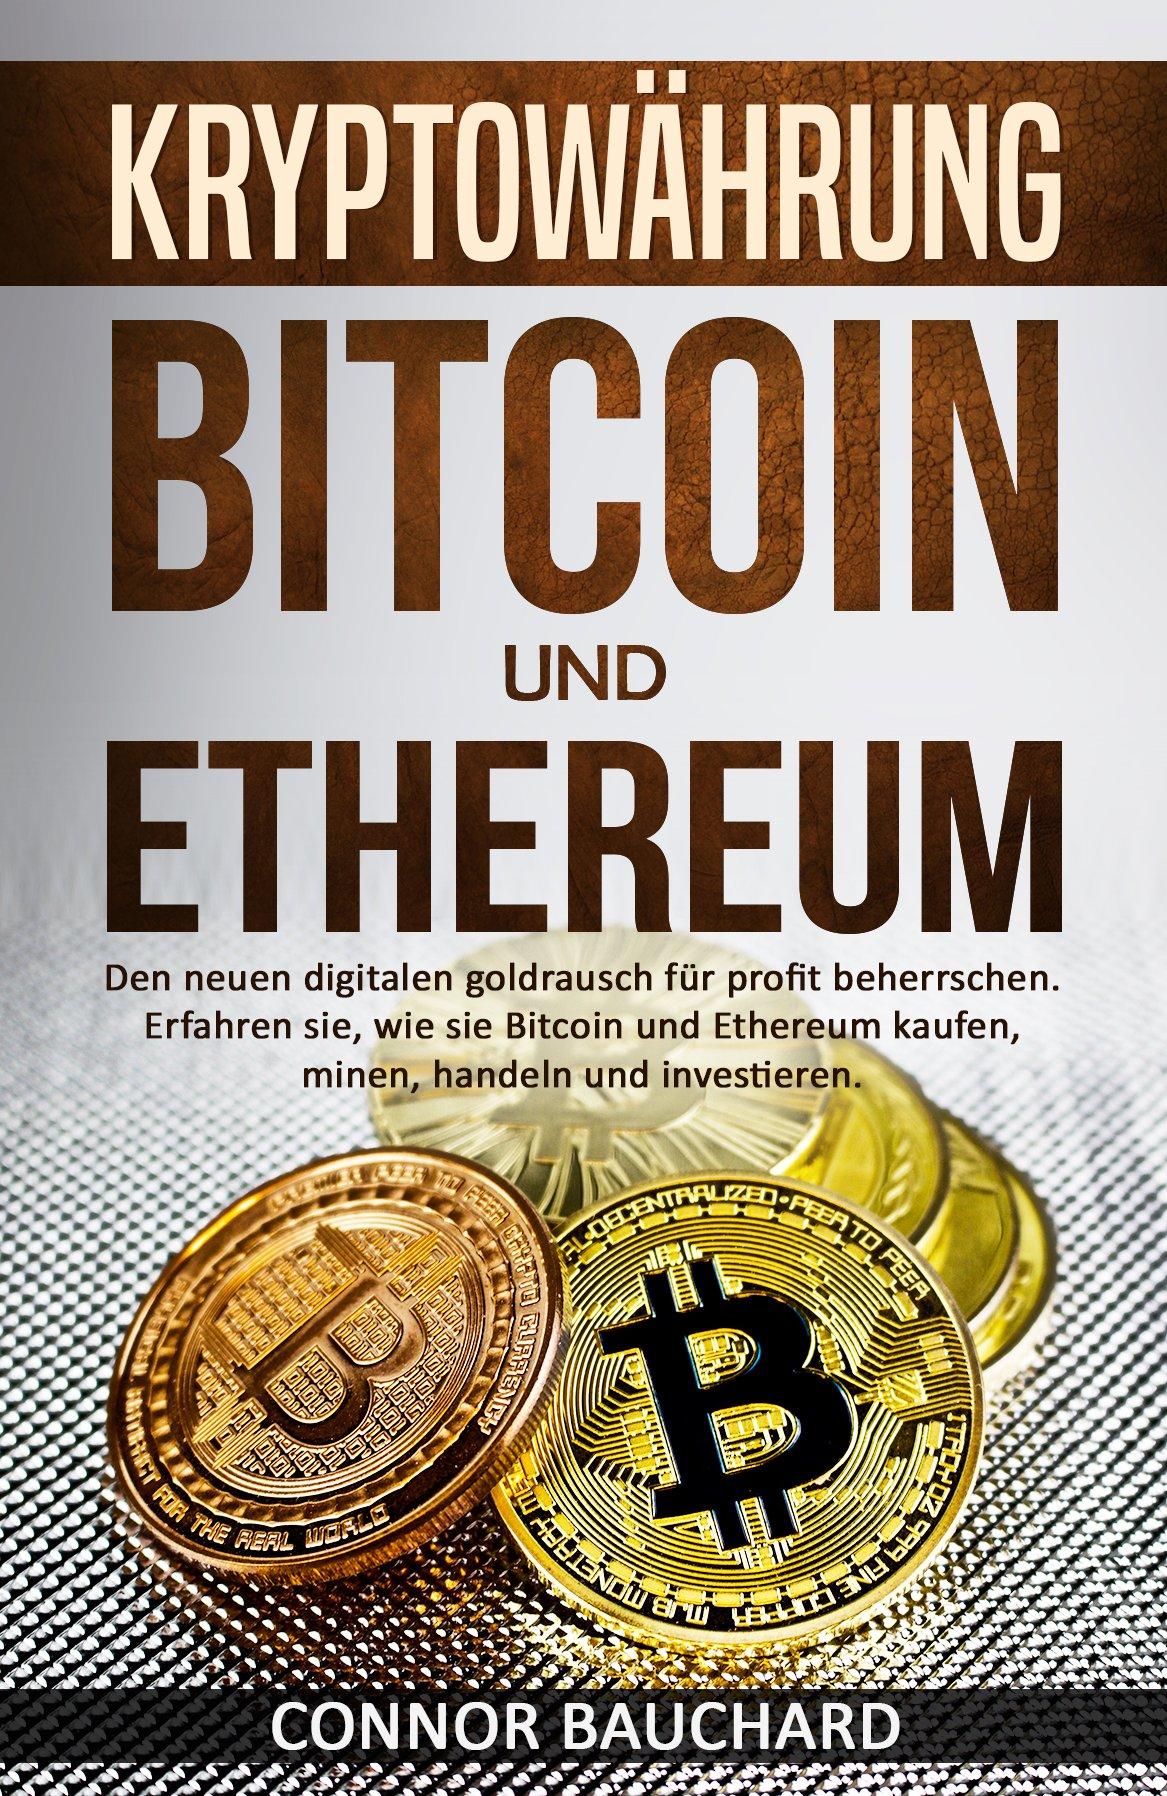 Kryptowährung  Bitcoin And Ethereum  Den Neuen Digitalen Goldrausch Für Profit Beherrschen. Erfahren Sie Wie Sie Bitcoin And Ethereum Kaufen Minen Handeln Und Investieren.